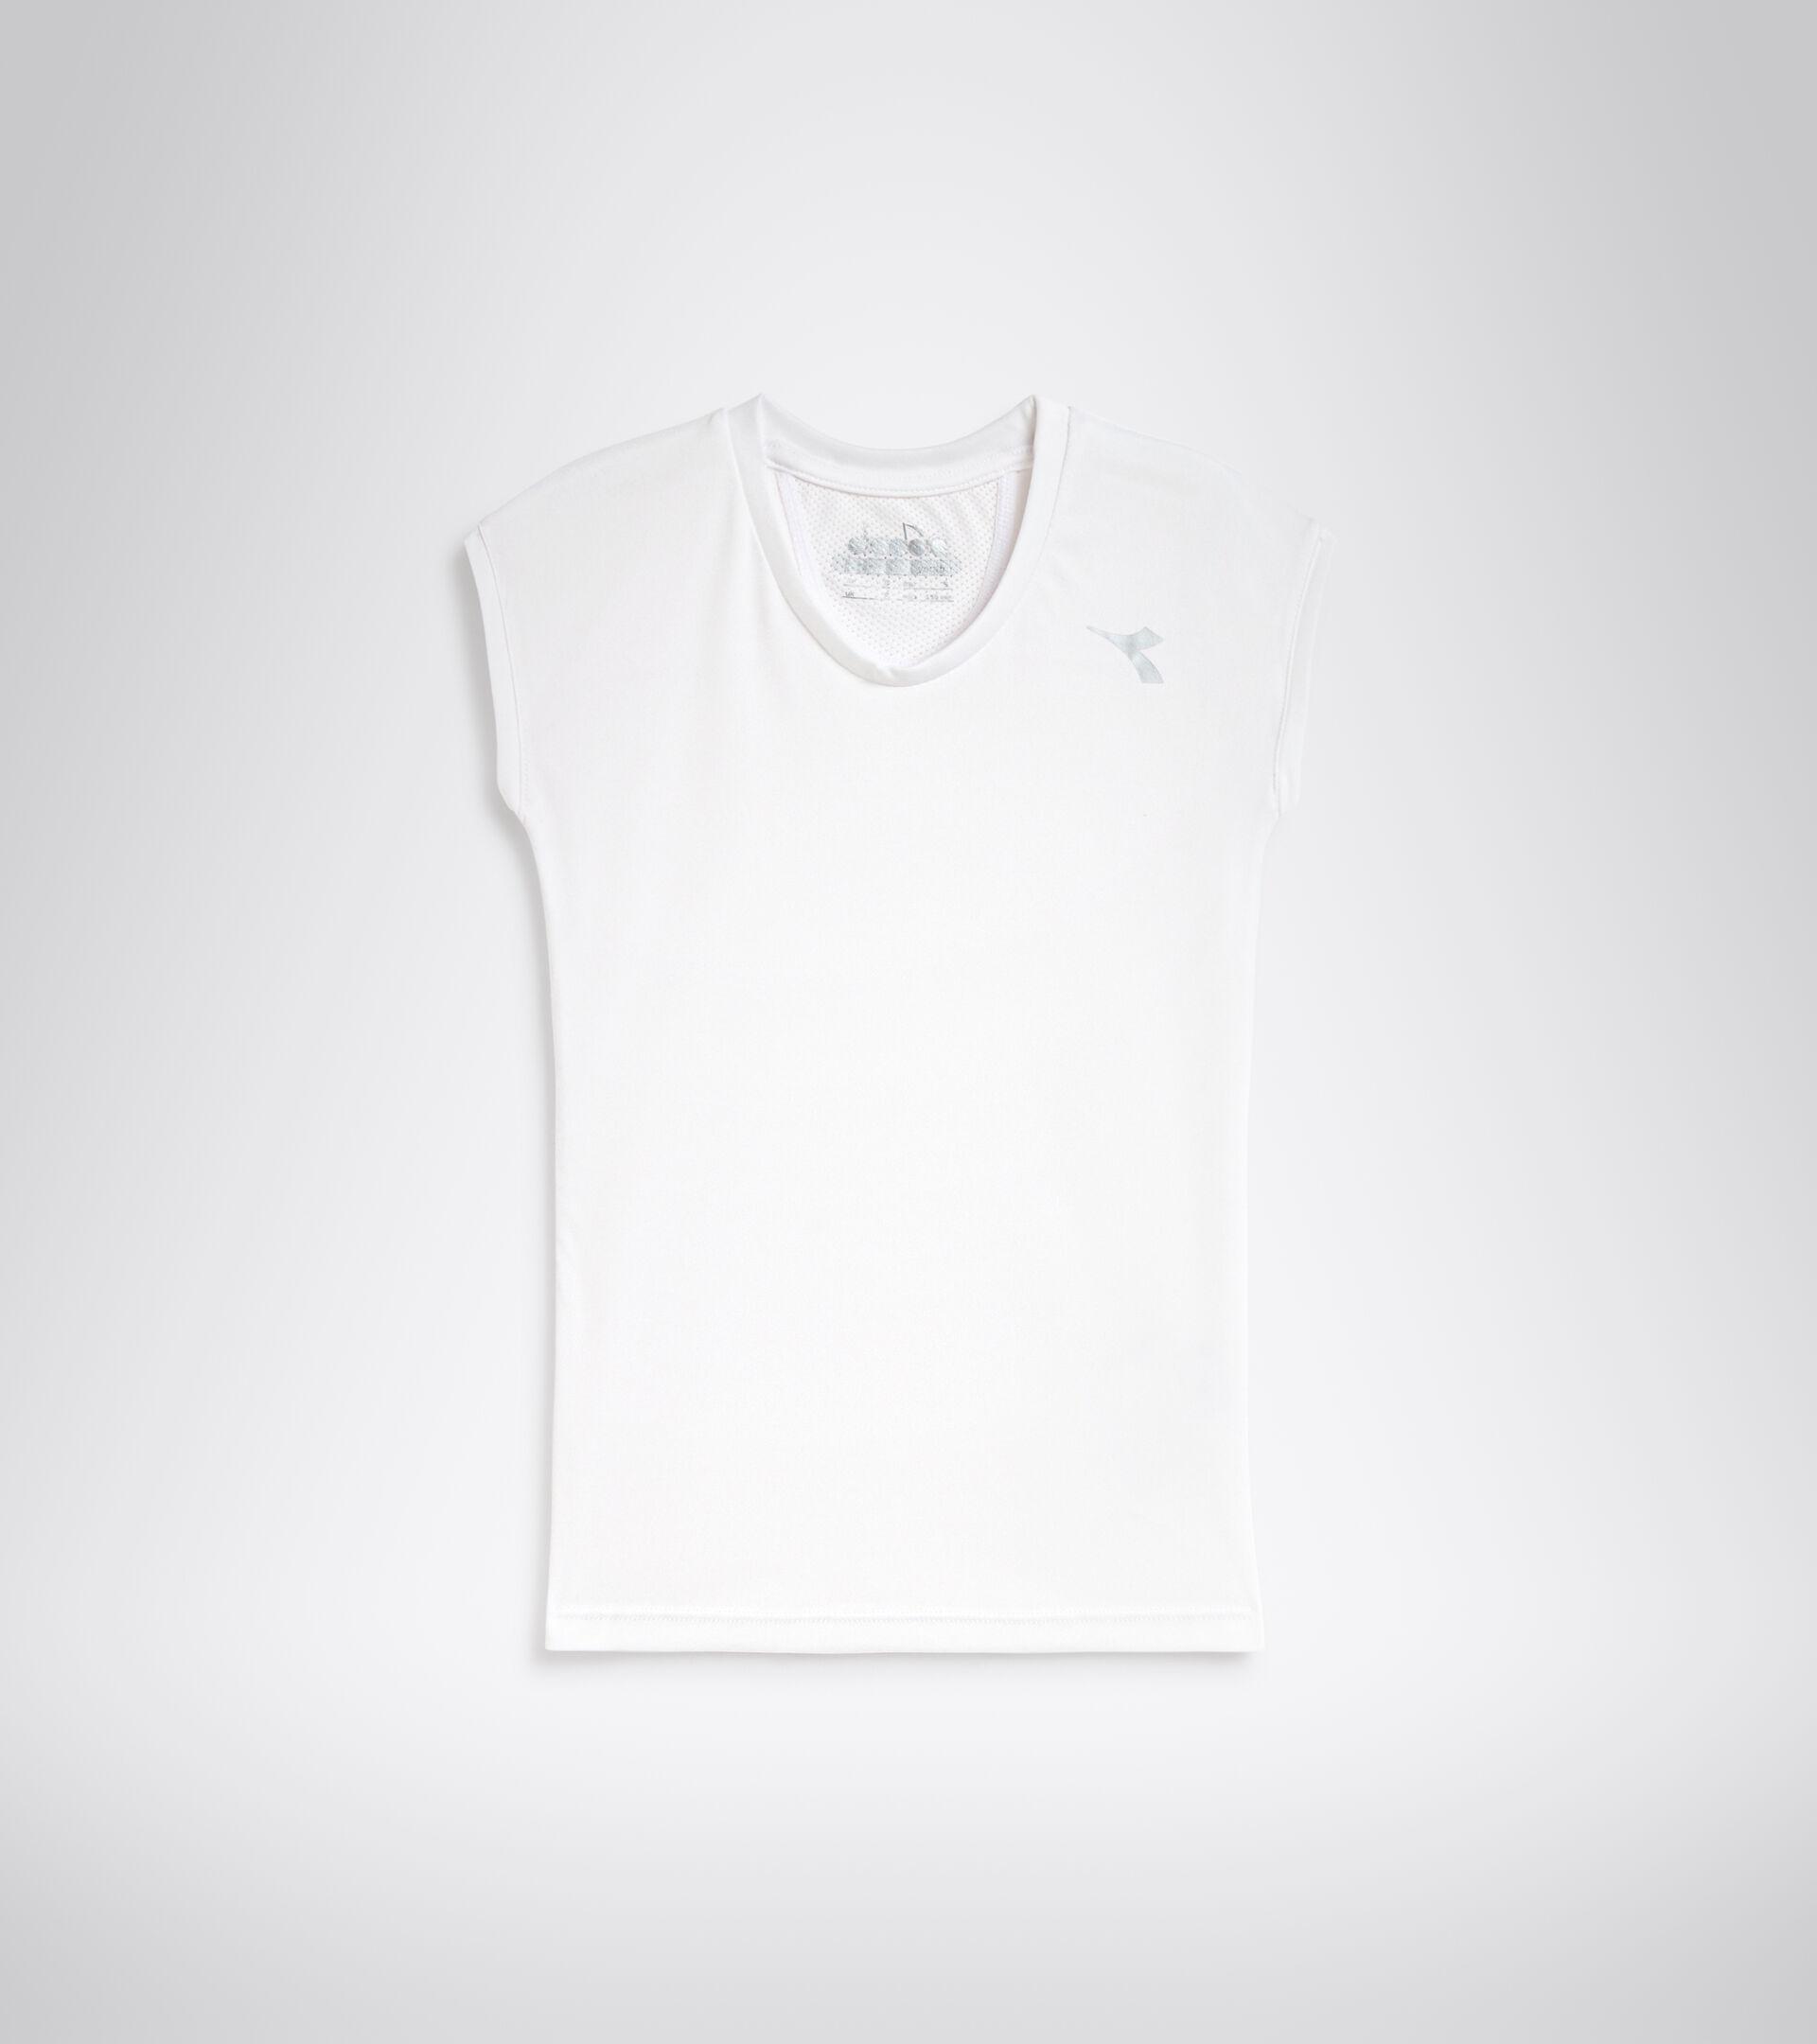 Apparel Sport BAMBINO G. T-SHIRT TEAM OPTICAL WHITE Diadora